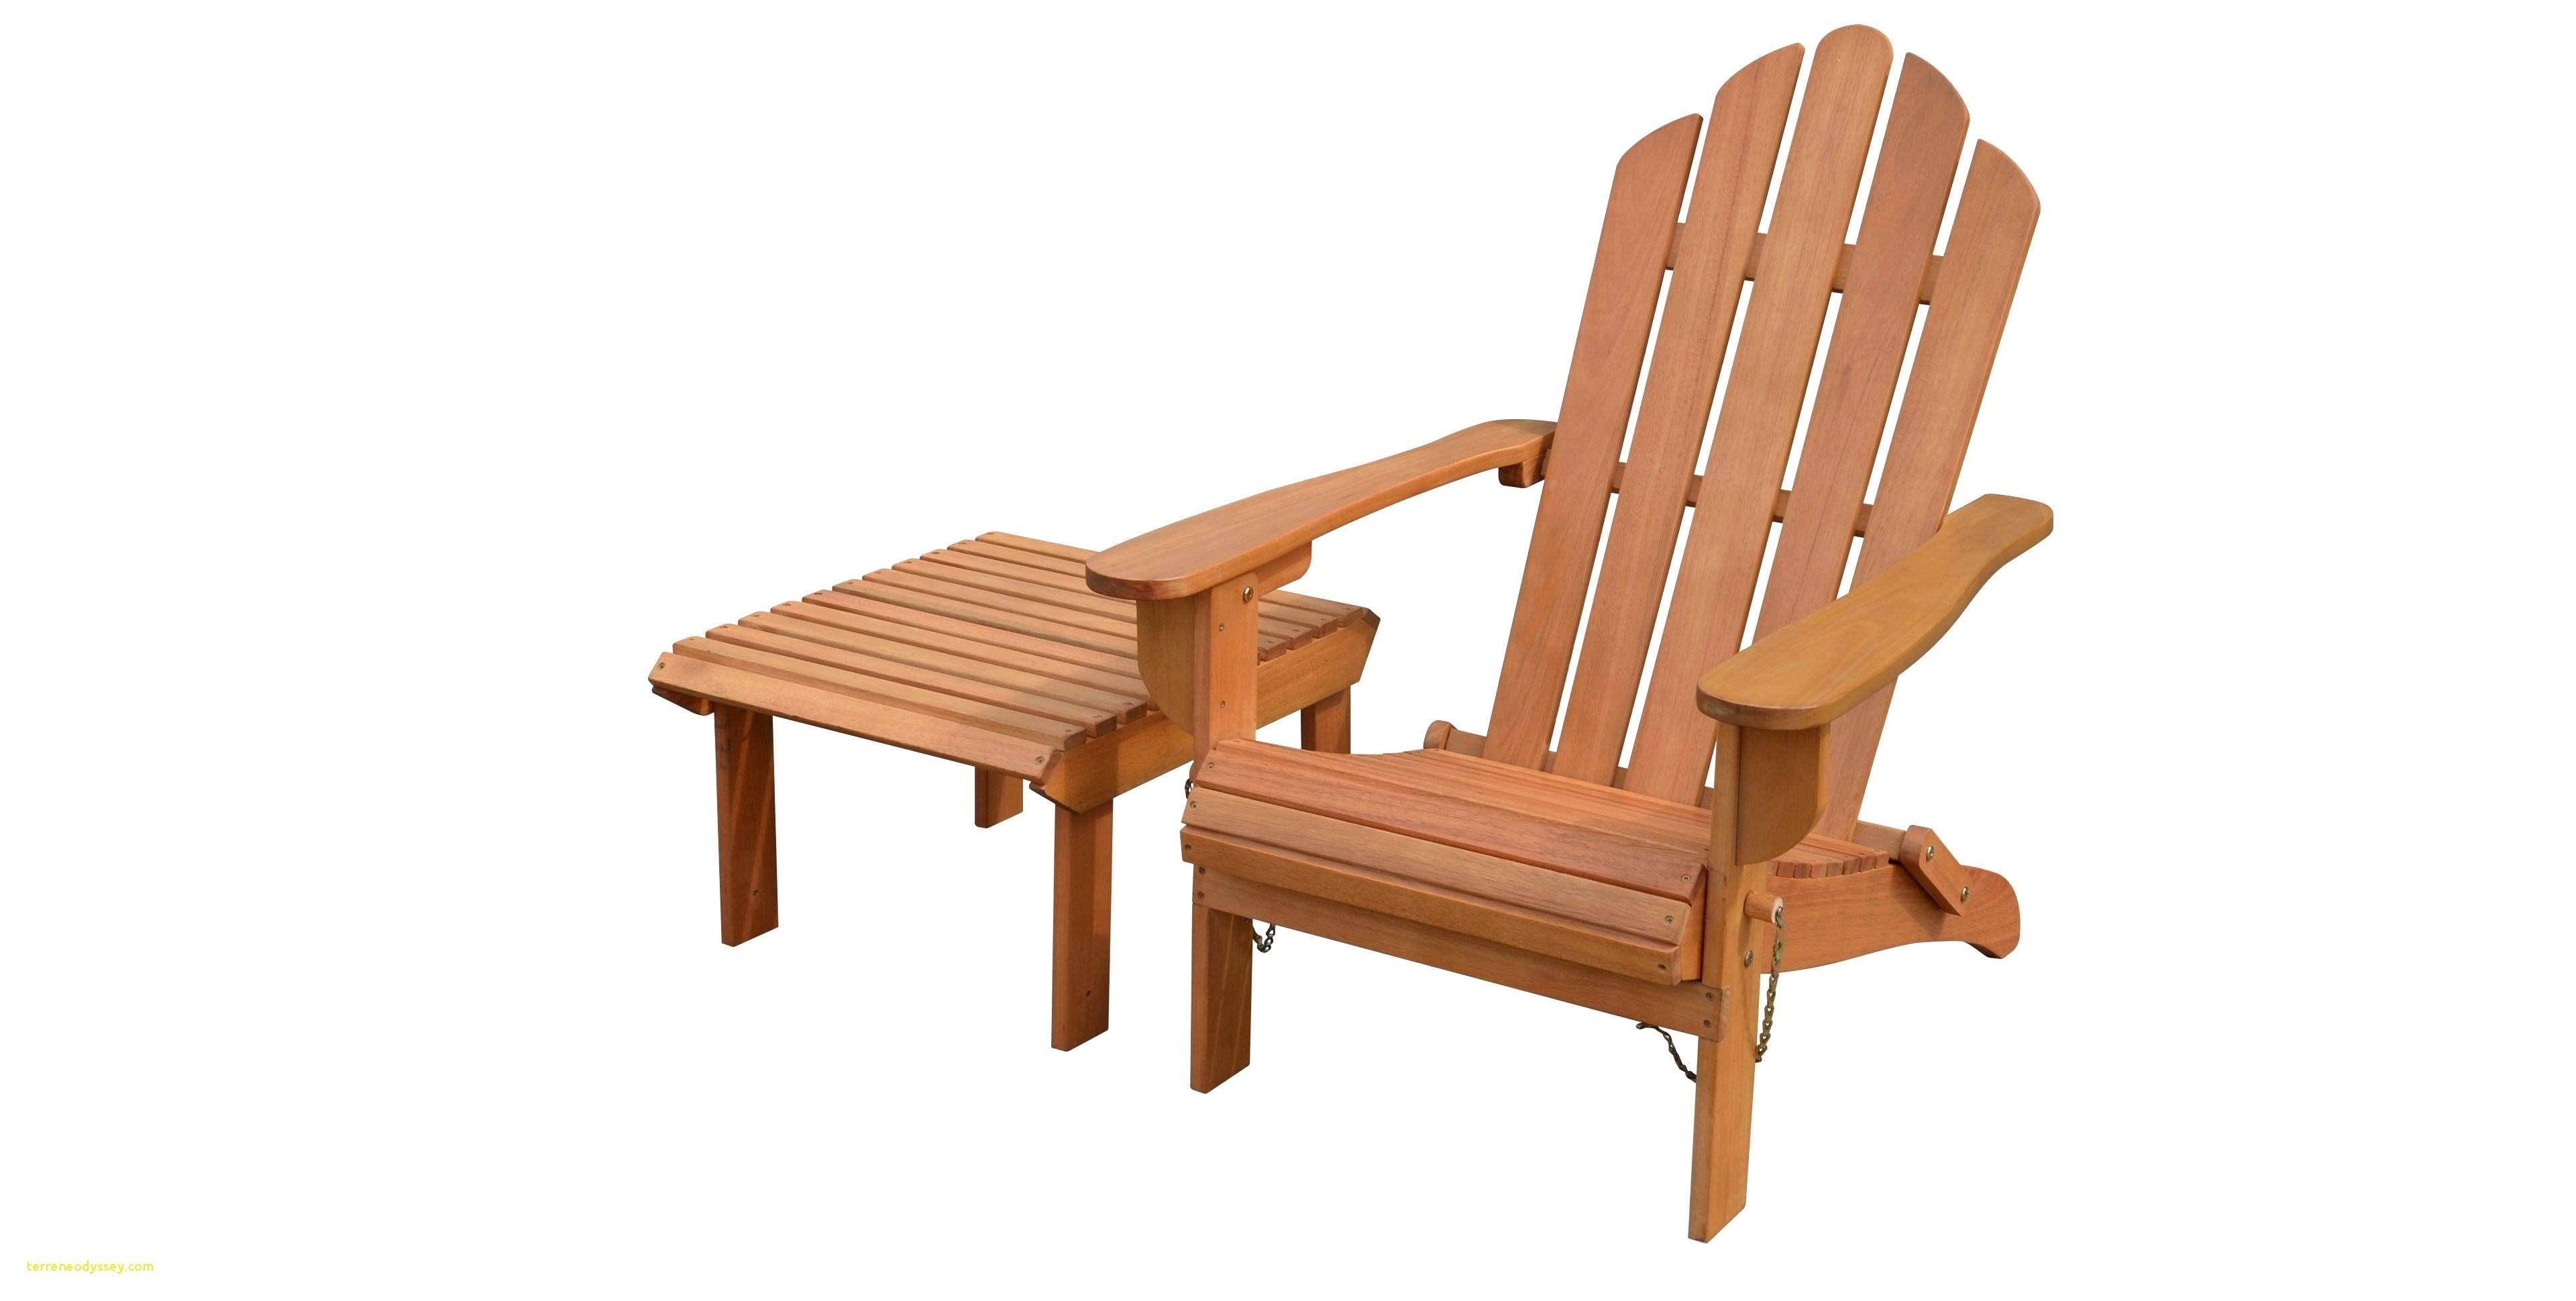 Lit Enfant Empilable Élégant 20 Chaise De Jardin Empilable